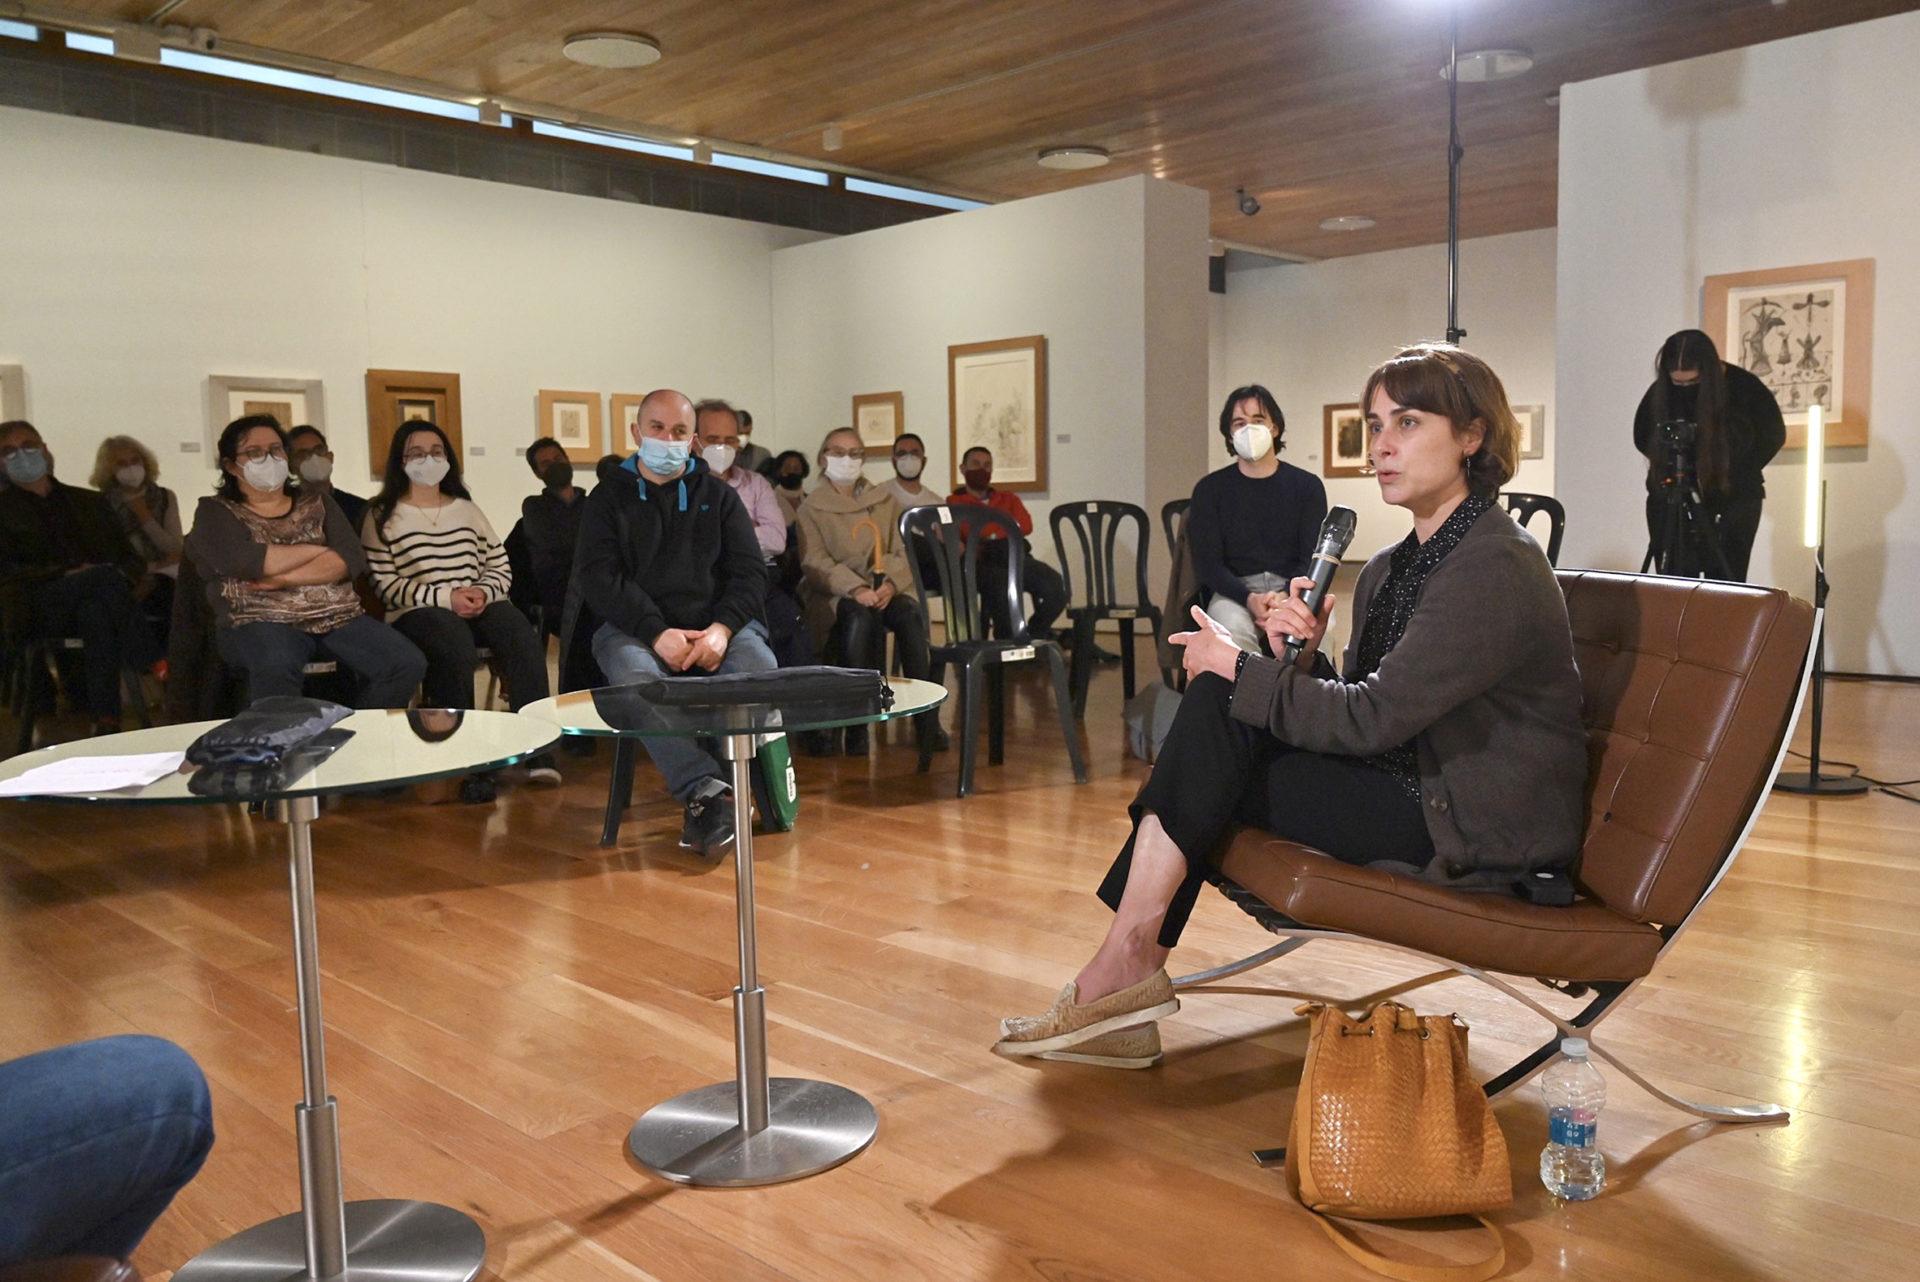 Una mujer habla ante un público en un aforo pequeño